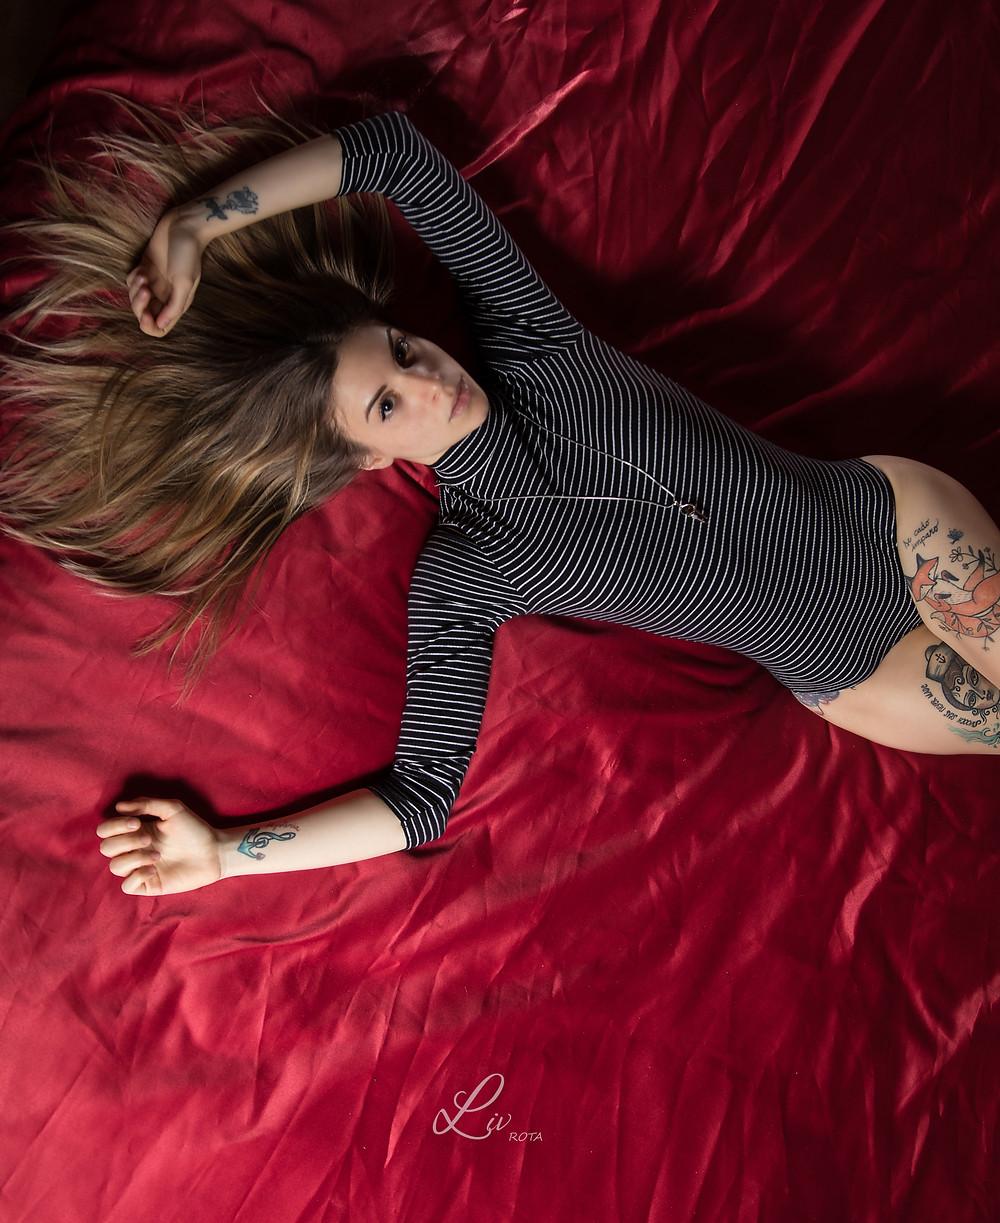 Alessandra & letto rosso satinato